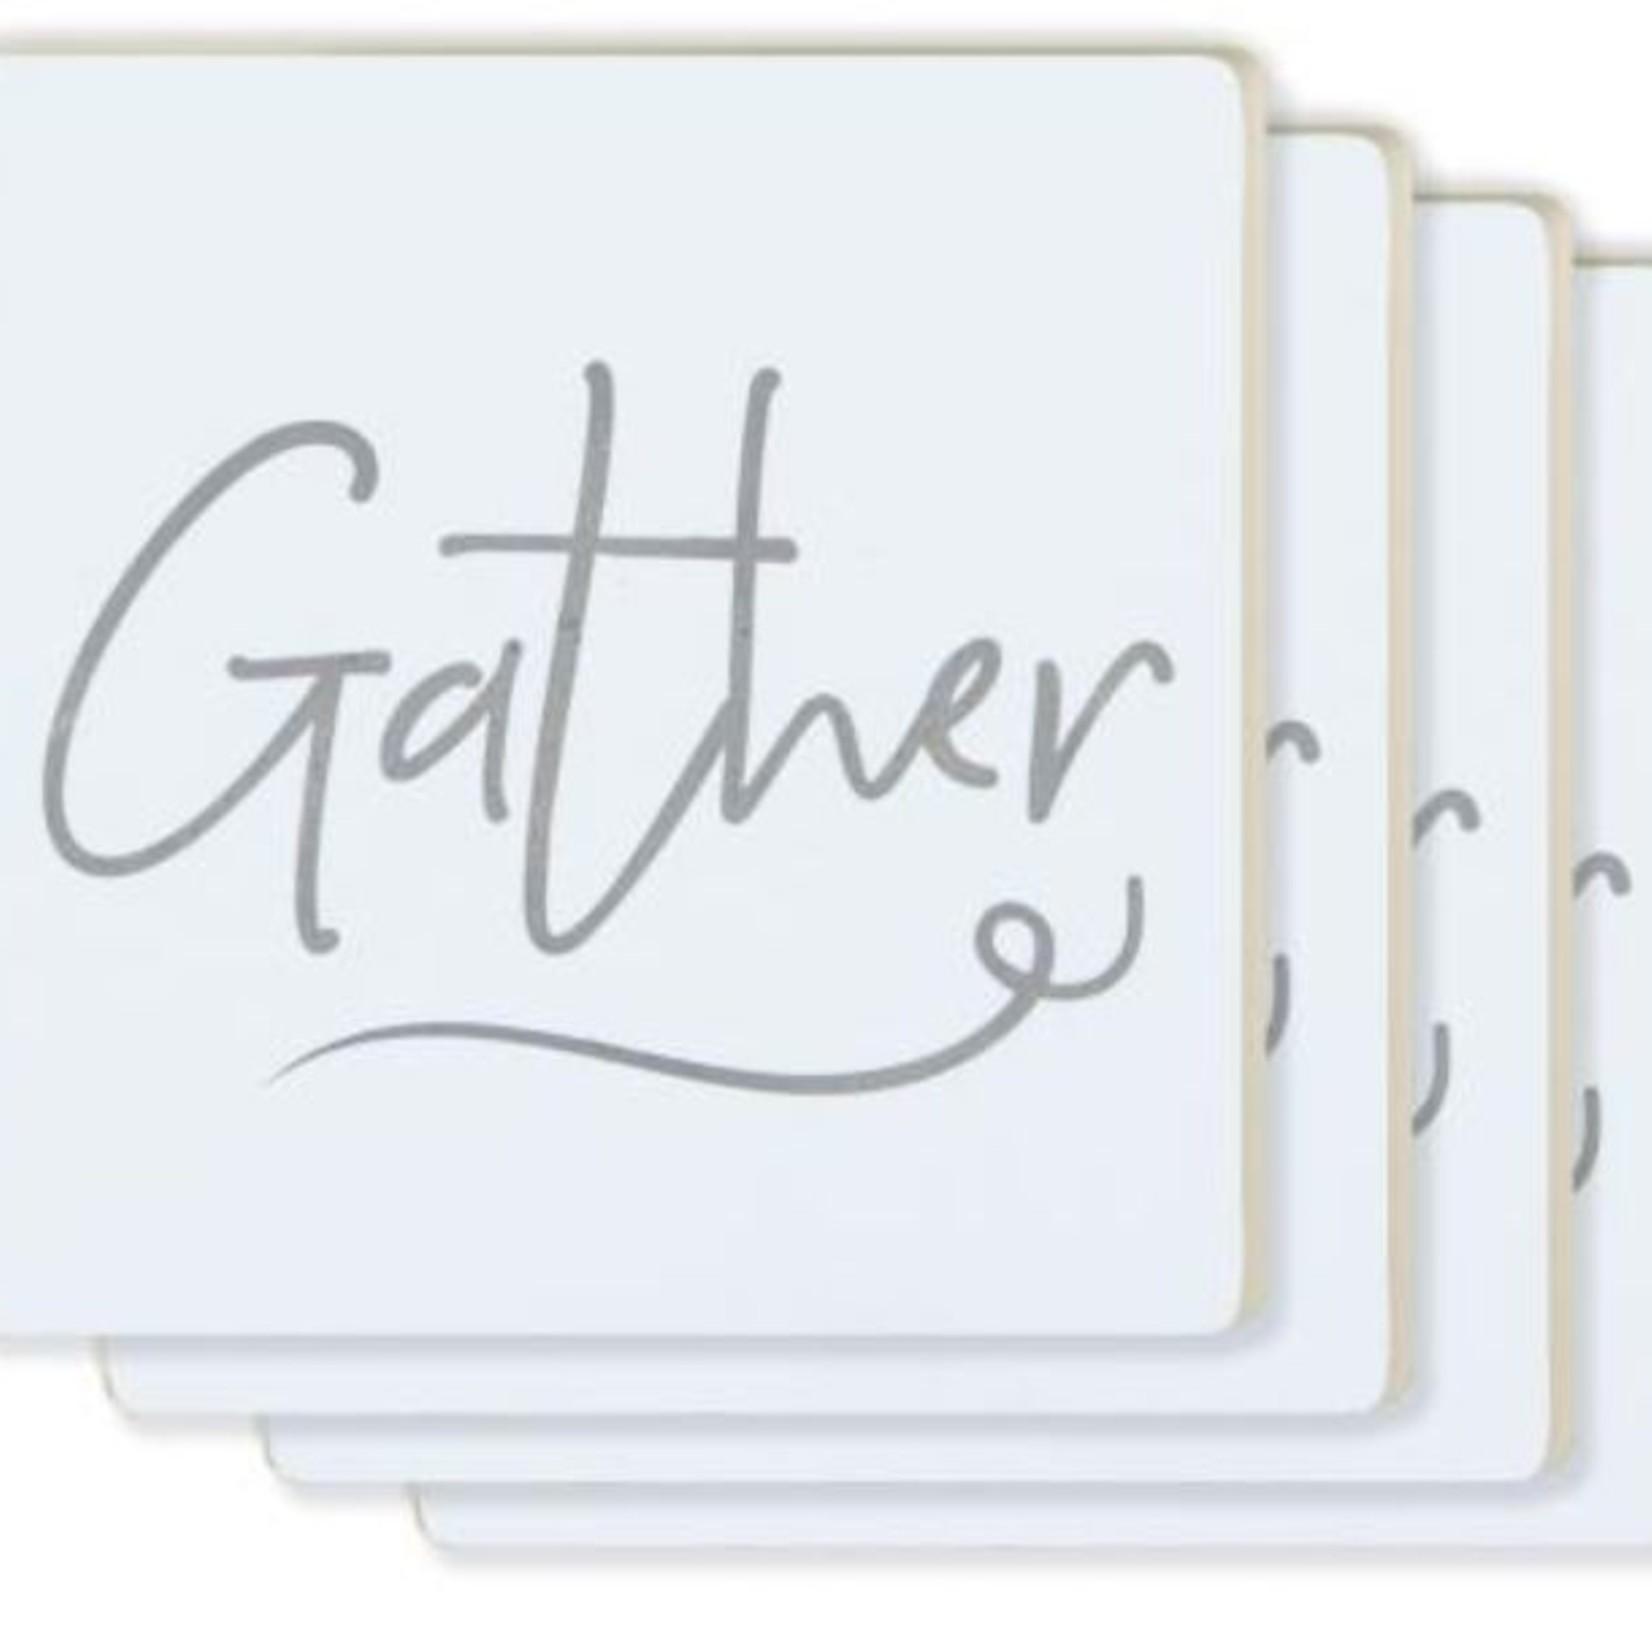 Gather Coasters - Set of 4